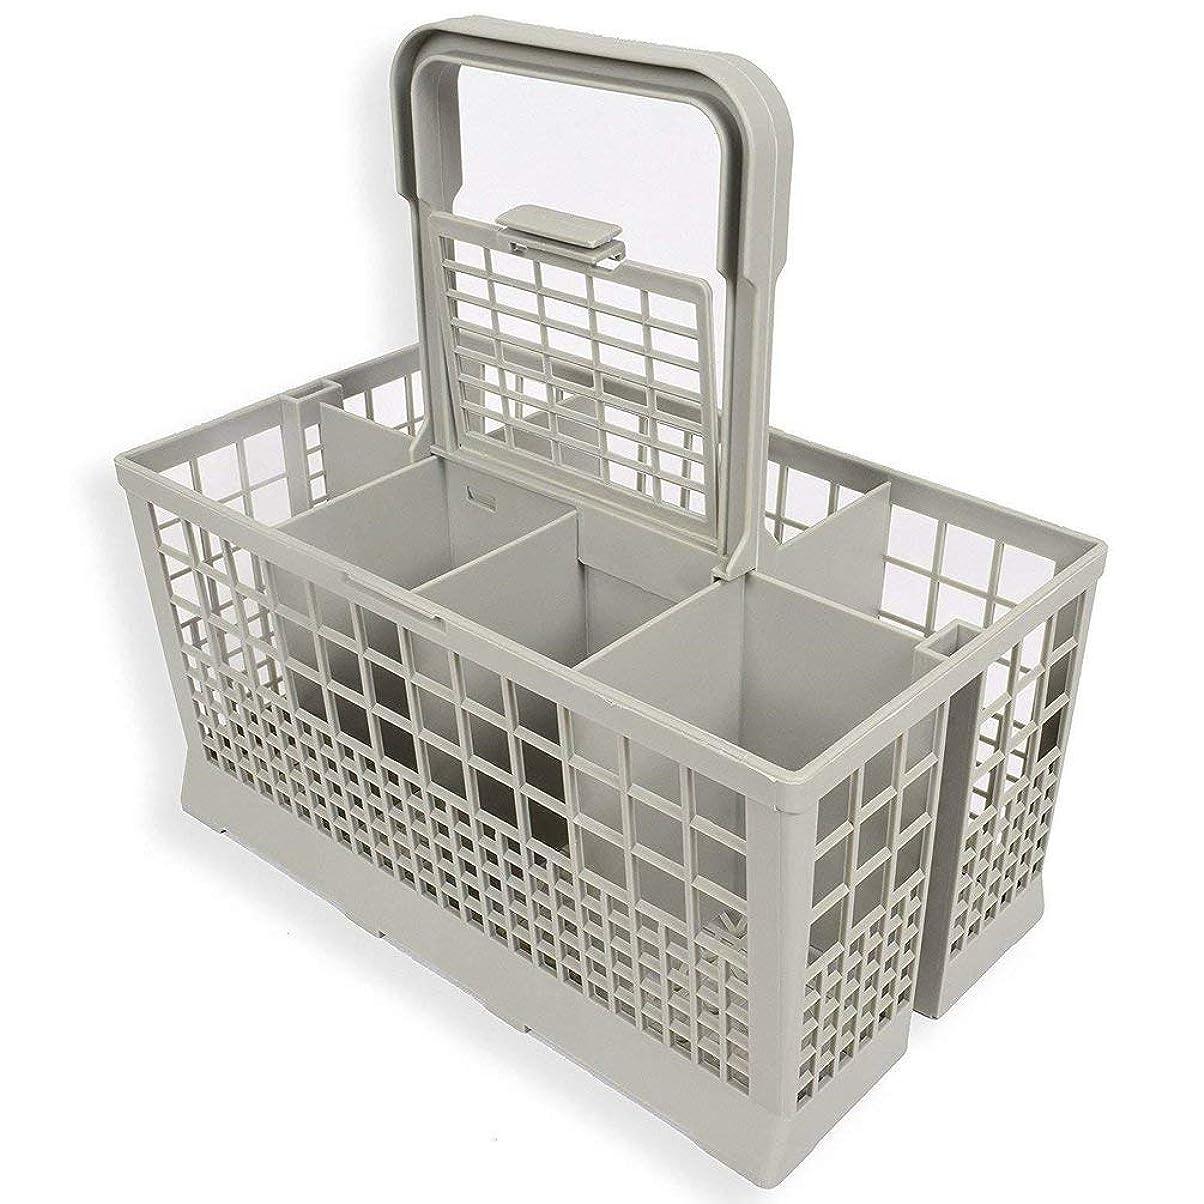 クール動的論争の的1ピースユニバーサル食器洗い機カトラリーバスケット収納ボックスキッチンエイドスペアパーツ - グレー240 * 140 * 120